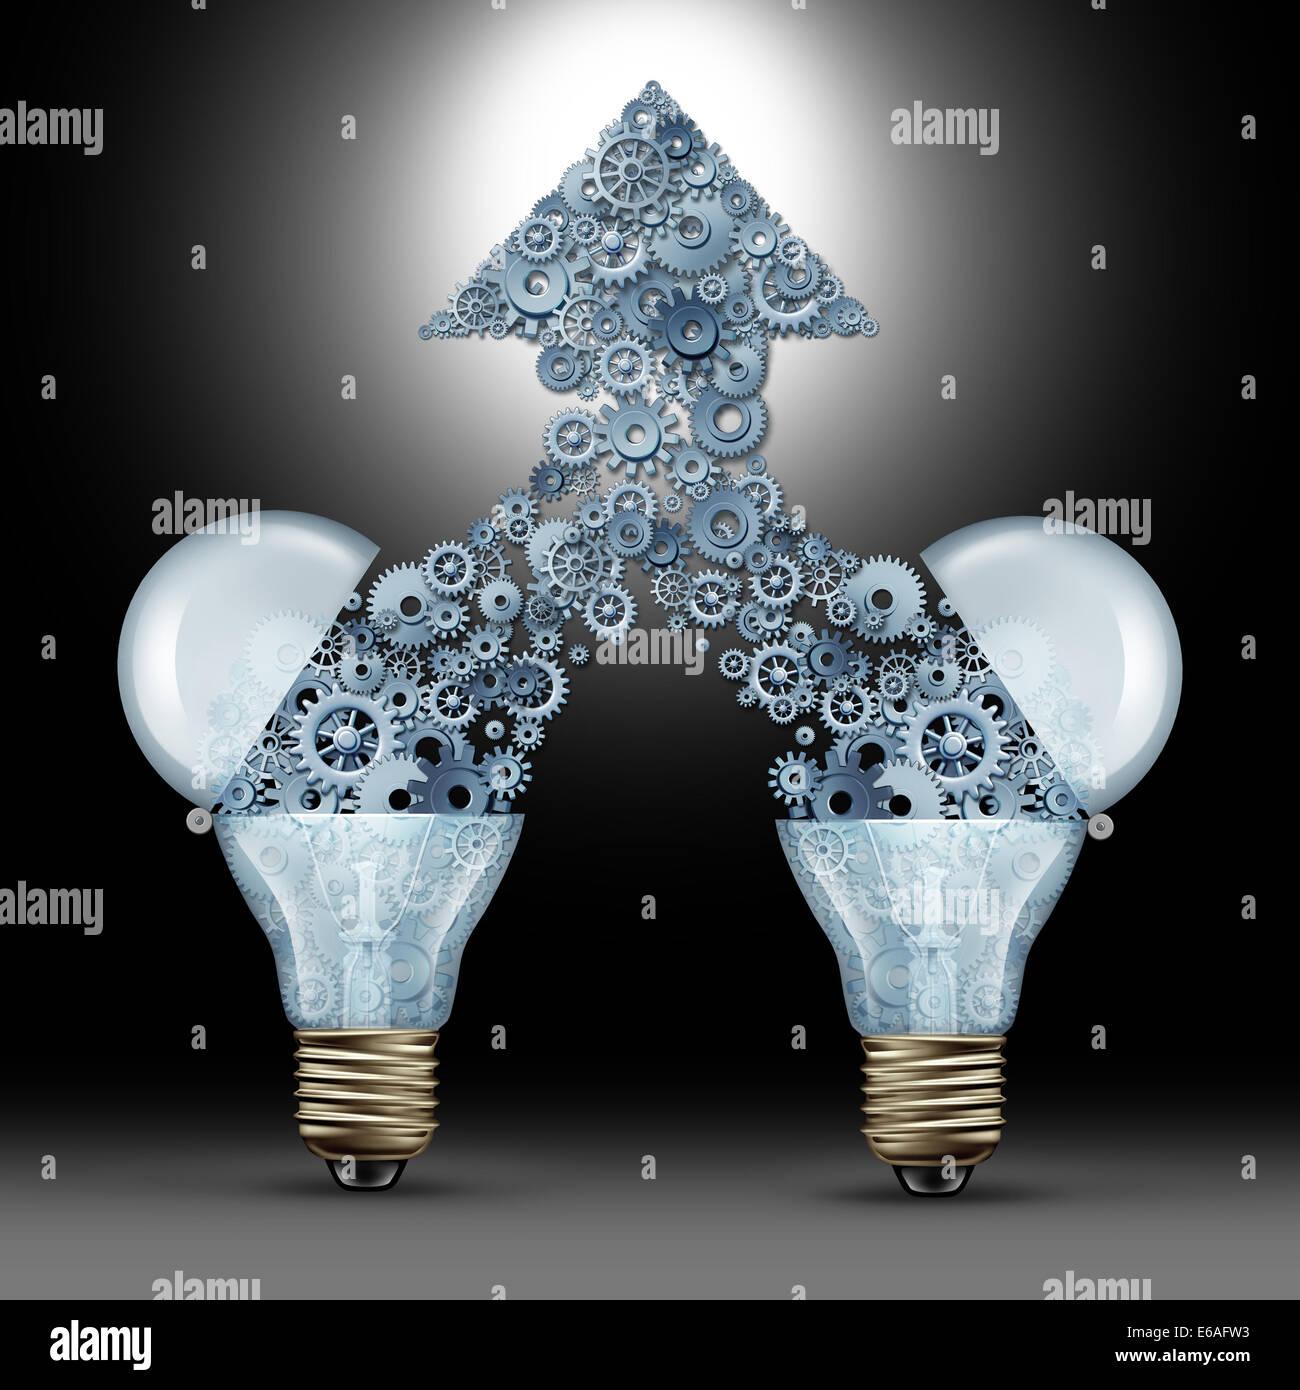 Kreative Innovationserfolg als zwei offenen Glas Glühbirnen Freigabe Getriebe und Zahnräder kommen zusammen Stockbild